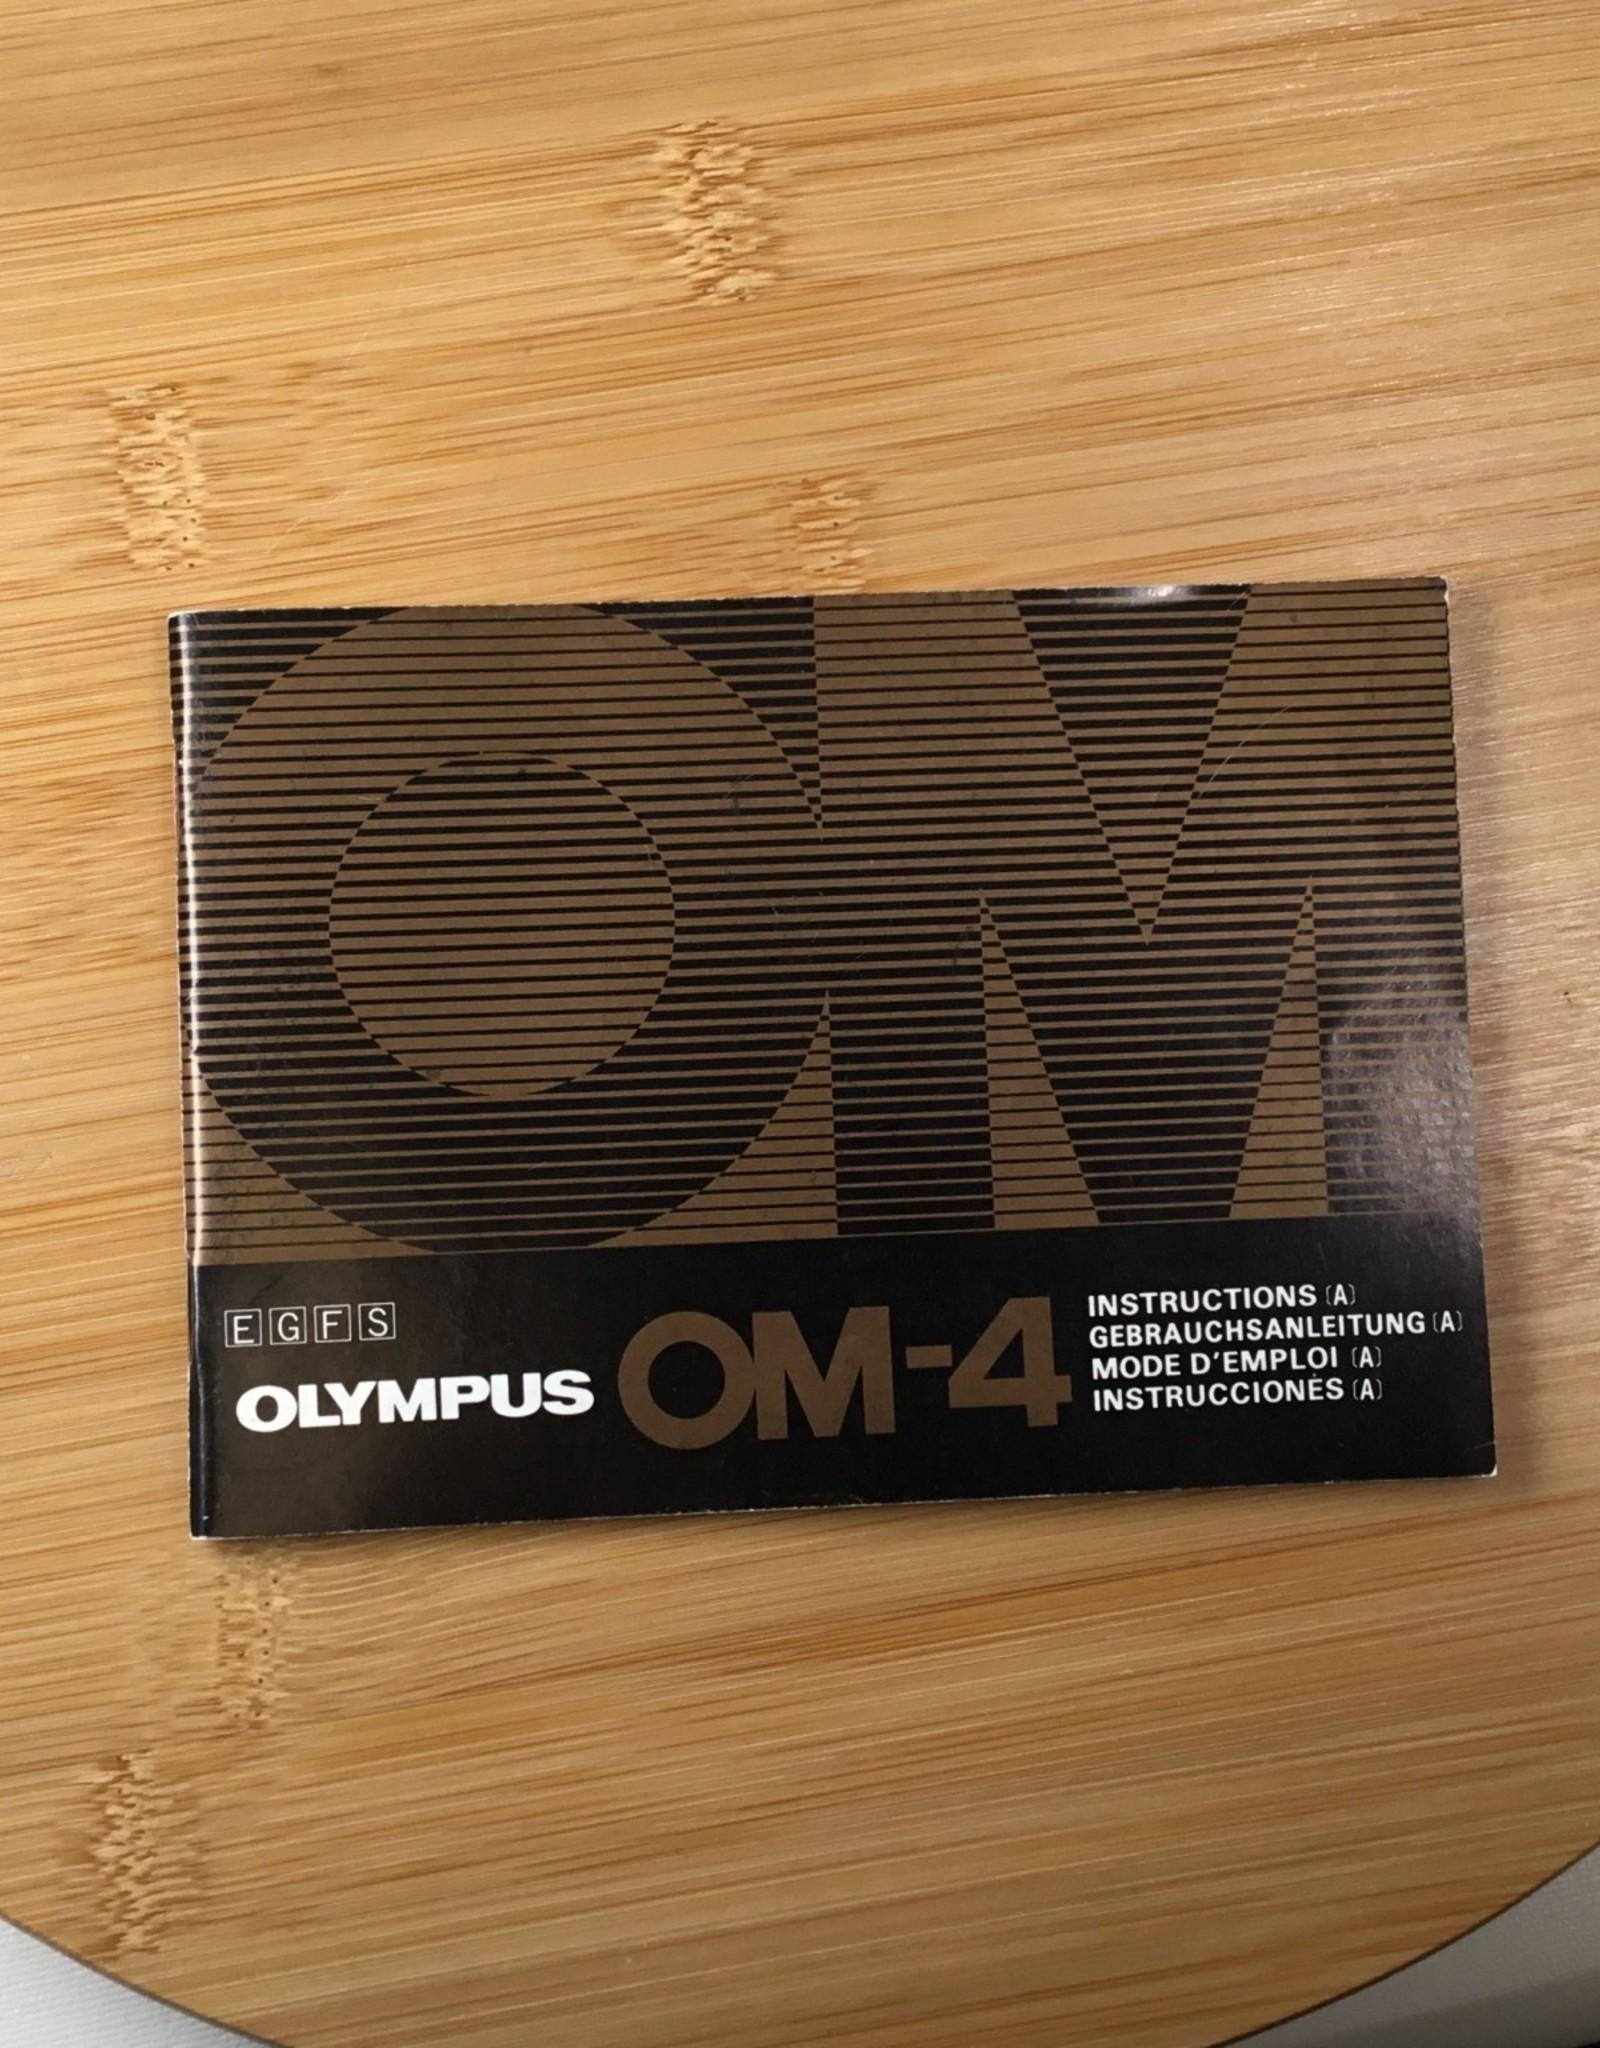 OLYMPUS Olympus OM-4 Original Manual Used EX